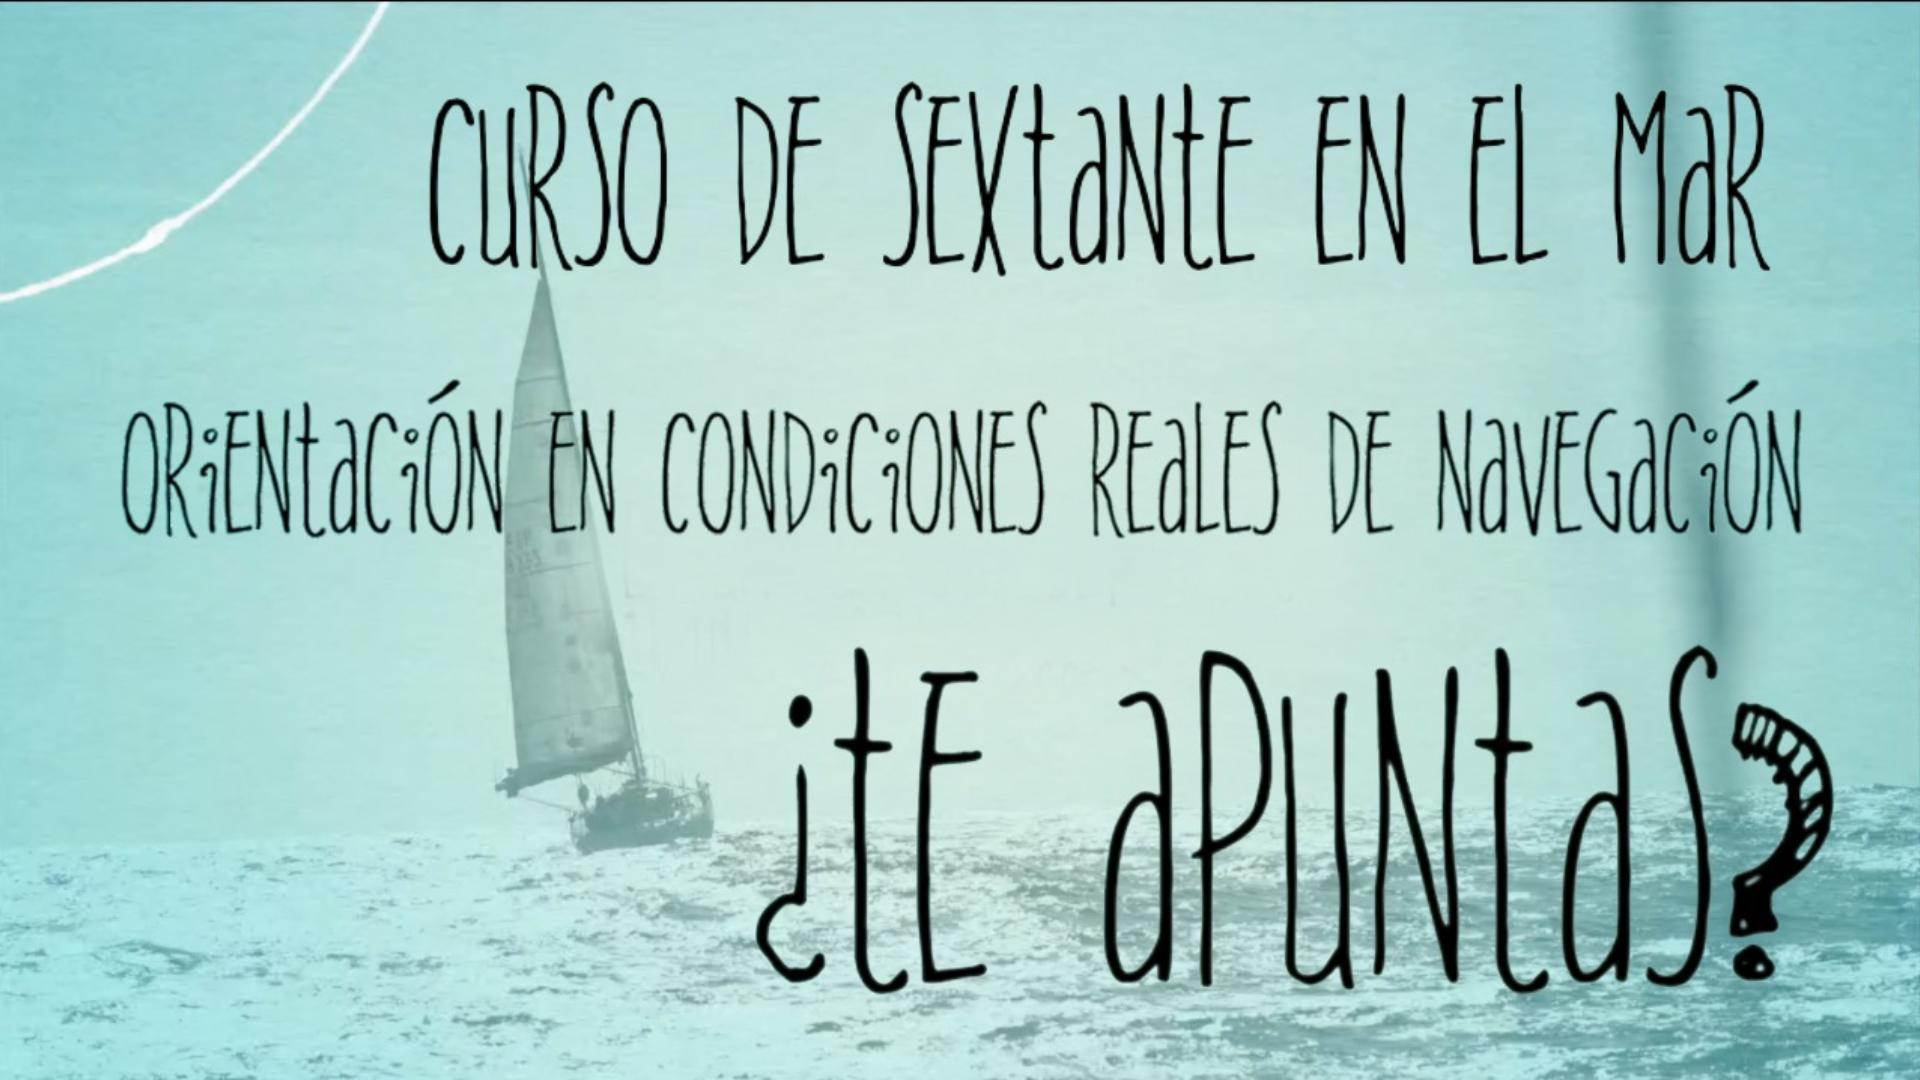 Curso sextante Petrel Oceanic Sailing&Allende los mares